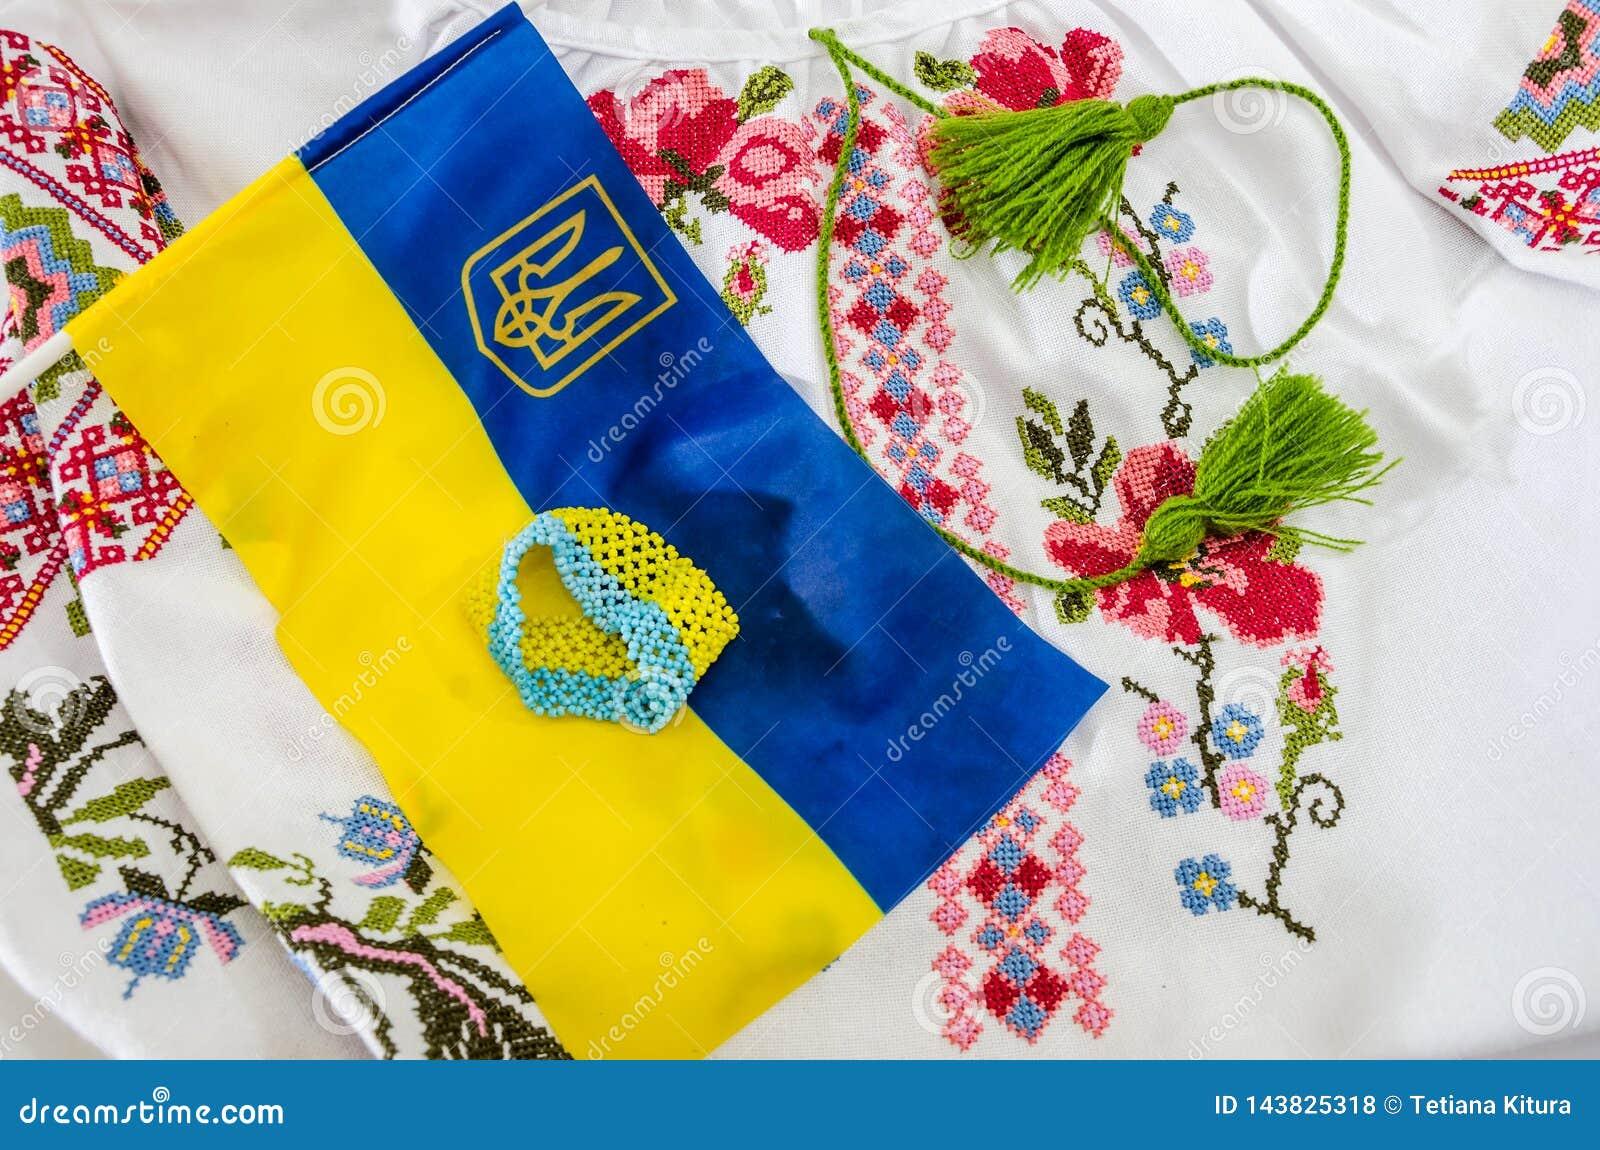 Blauw-gele vlag van de Oekraïne en een deel van een geborduurd overhemd